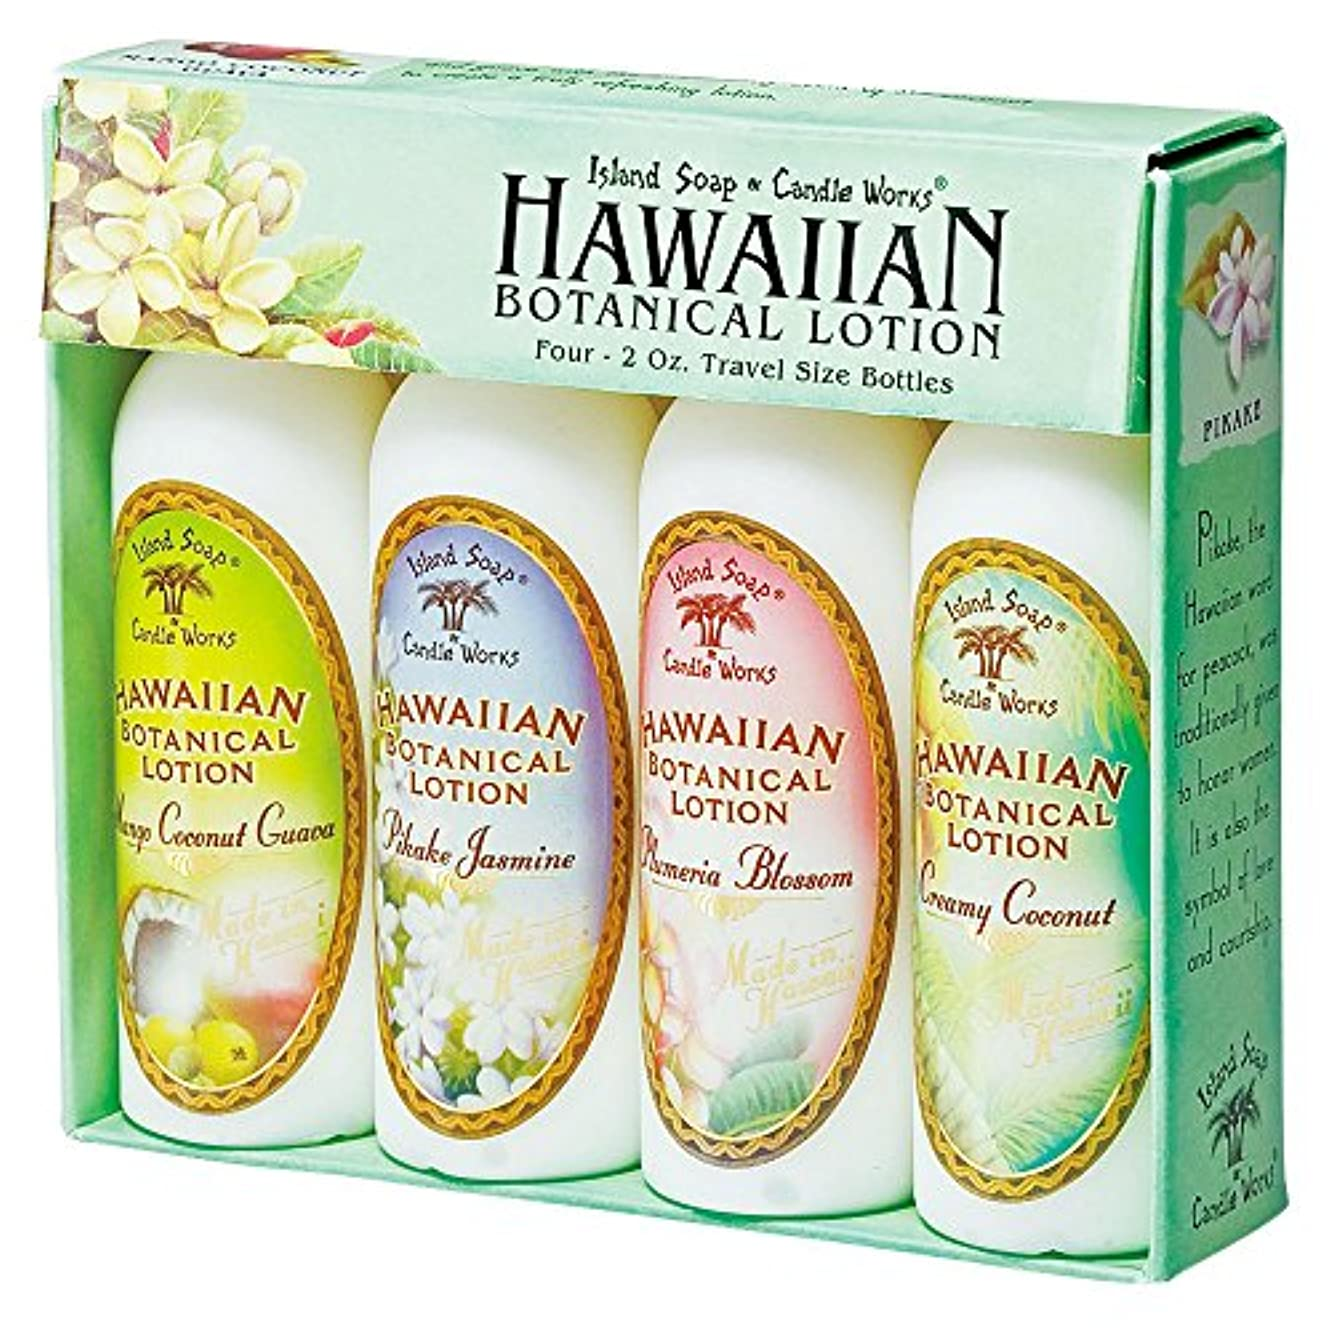 コンパニオン時間とともにコレクションハワイお土産 ハワイアイランドソープ トロピカルローション ミニ 4種セット